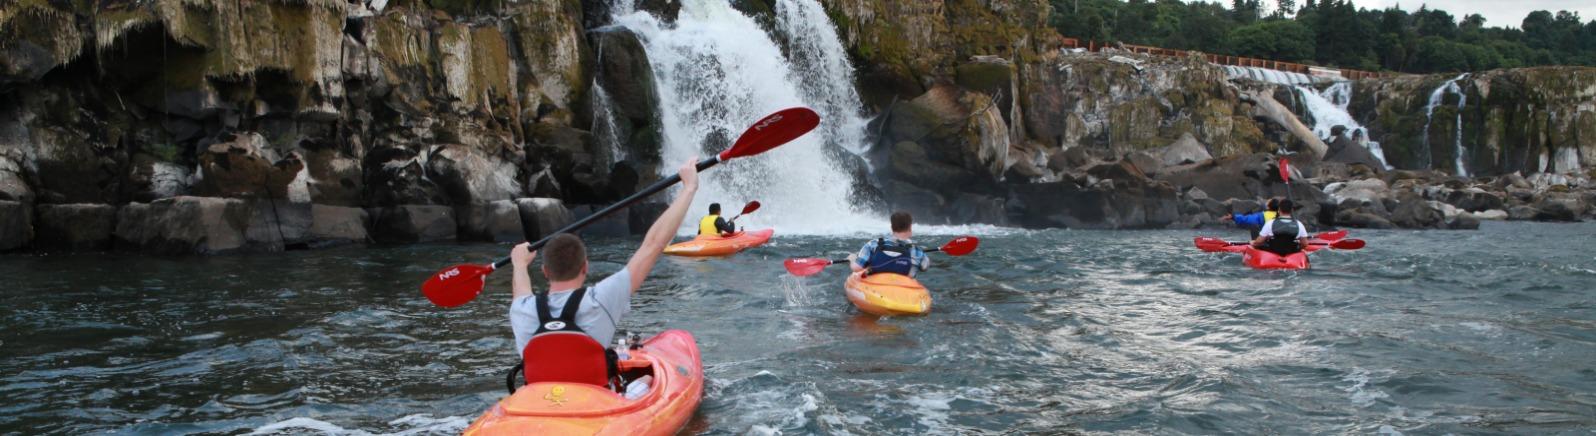 eNRG Kayaking, Willamette Falls kayaking tour